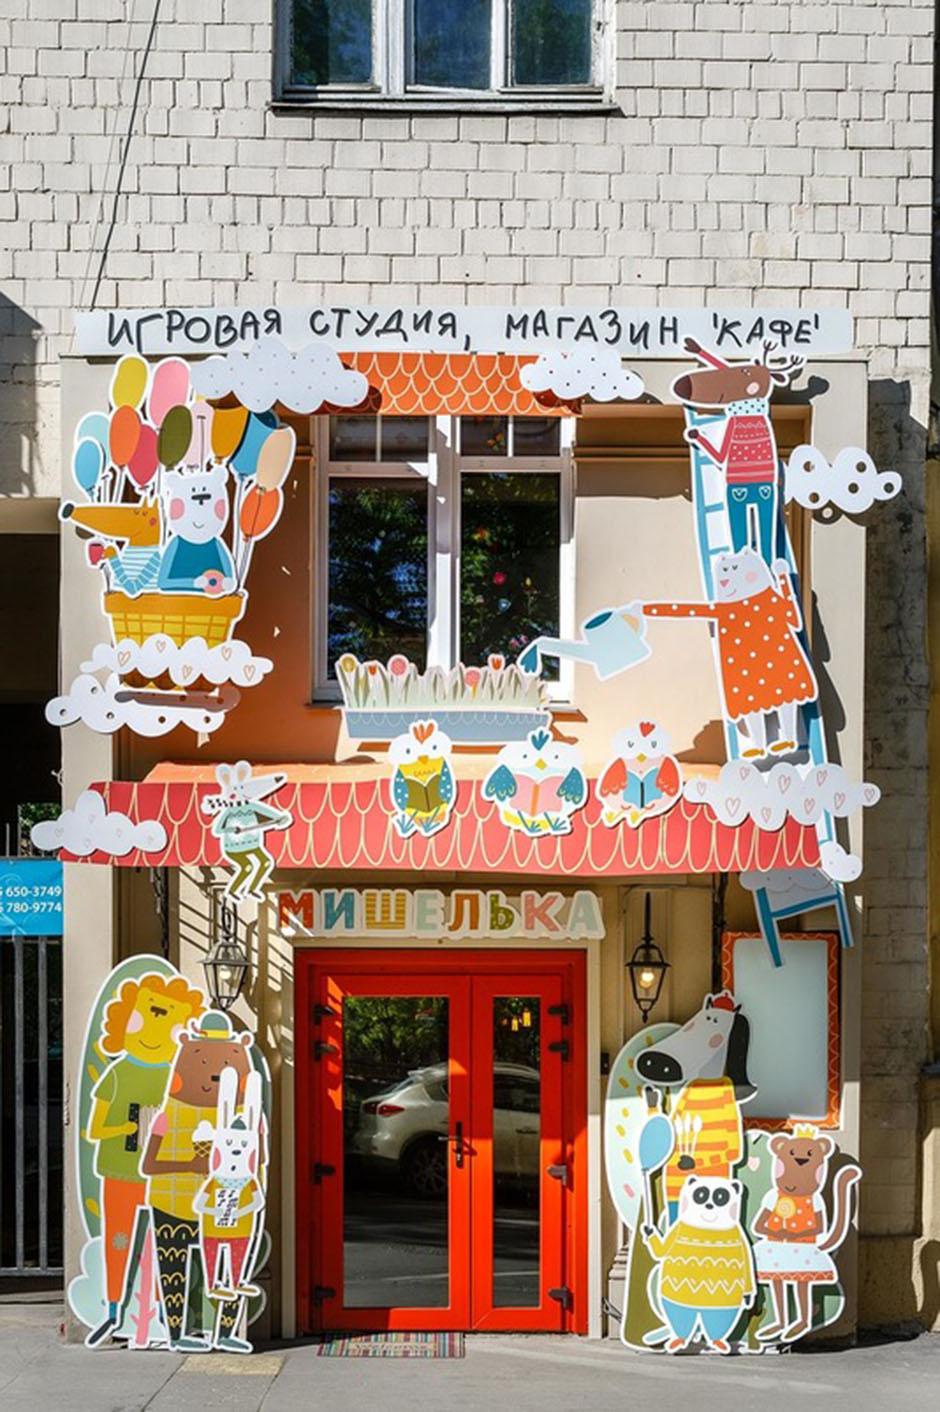 Детская студия «Мишелька»